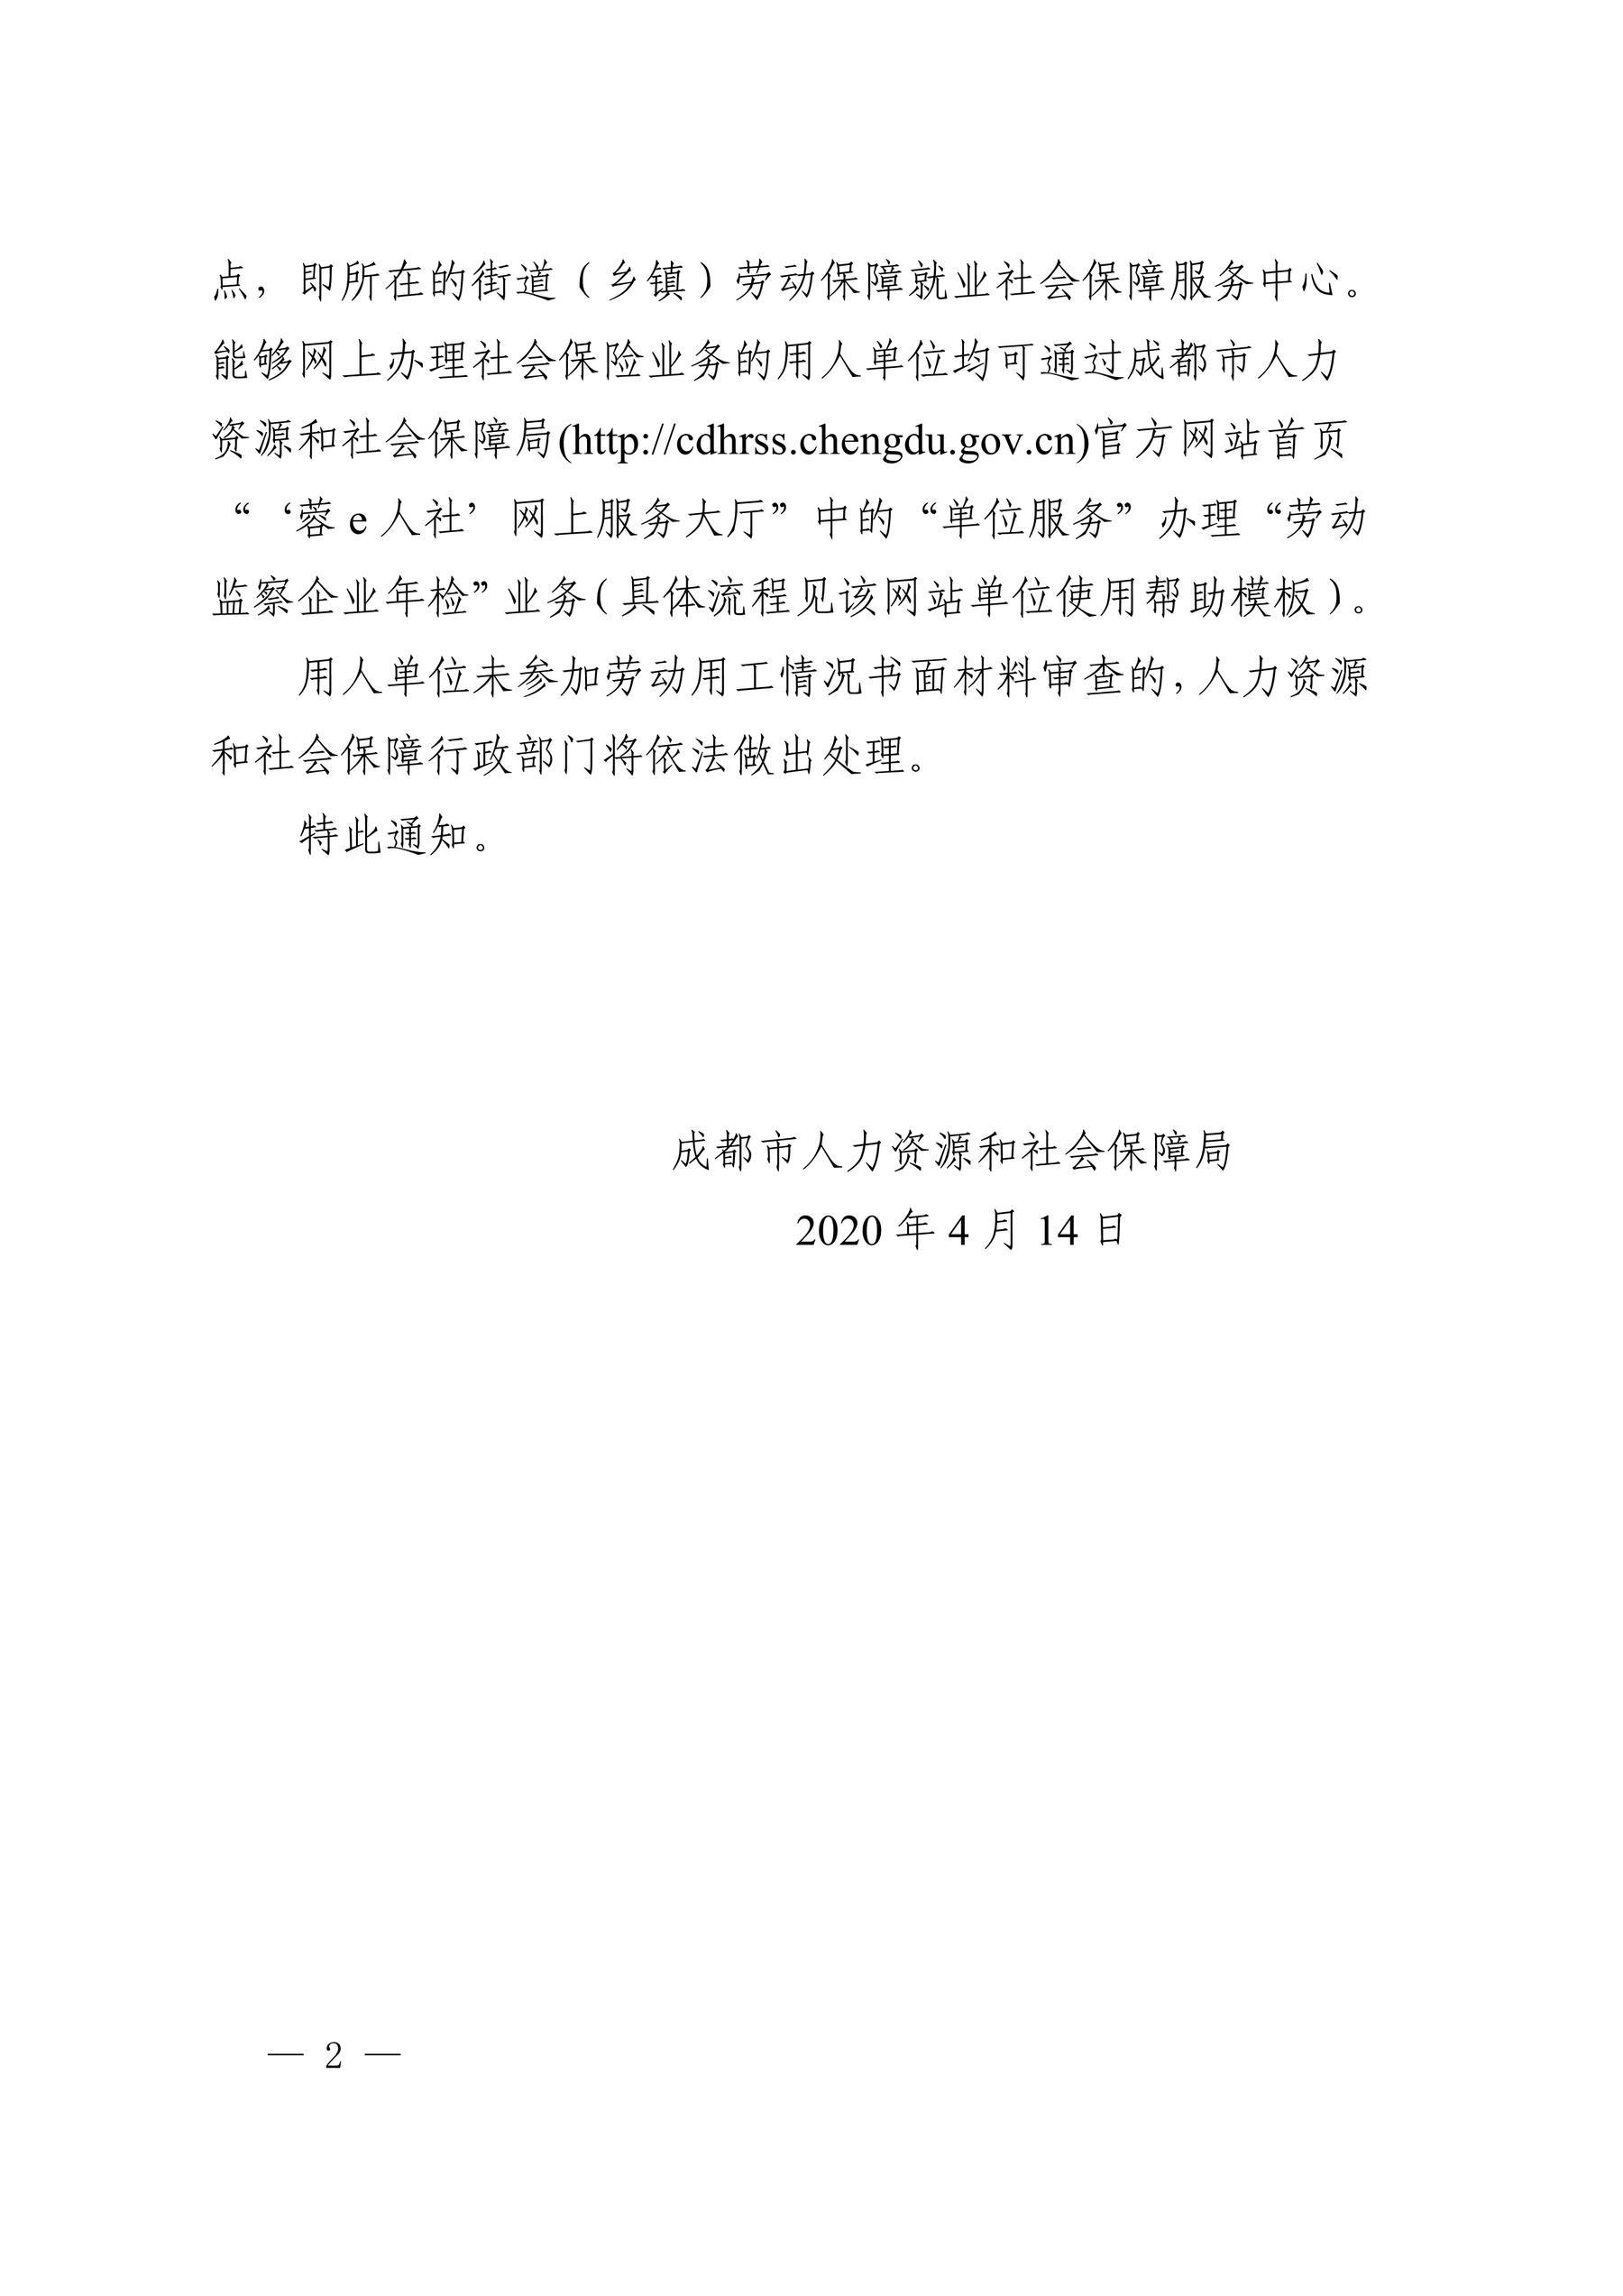 """點,即所在的街道(鄉鎮)勞動保障就業社會保障服務中心。 能夠網上辦理社會保險業務的用人單位均可通過成都市人力 資源和社會保障局(http://cdhrss.chengdu.gov.cn)官方網站首頁 """"'蓉 e 人社'網上服務大廳""""中的""""單位服務""""辦理""""勞動 監察企業年檢""""業務(具體流程見該網站單位使用幫助模板)。 用人單位未參加勞動用工情況書面材料審查的,人力資源 和社會保障行政部門將依法做出處理。 特此通知。"""